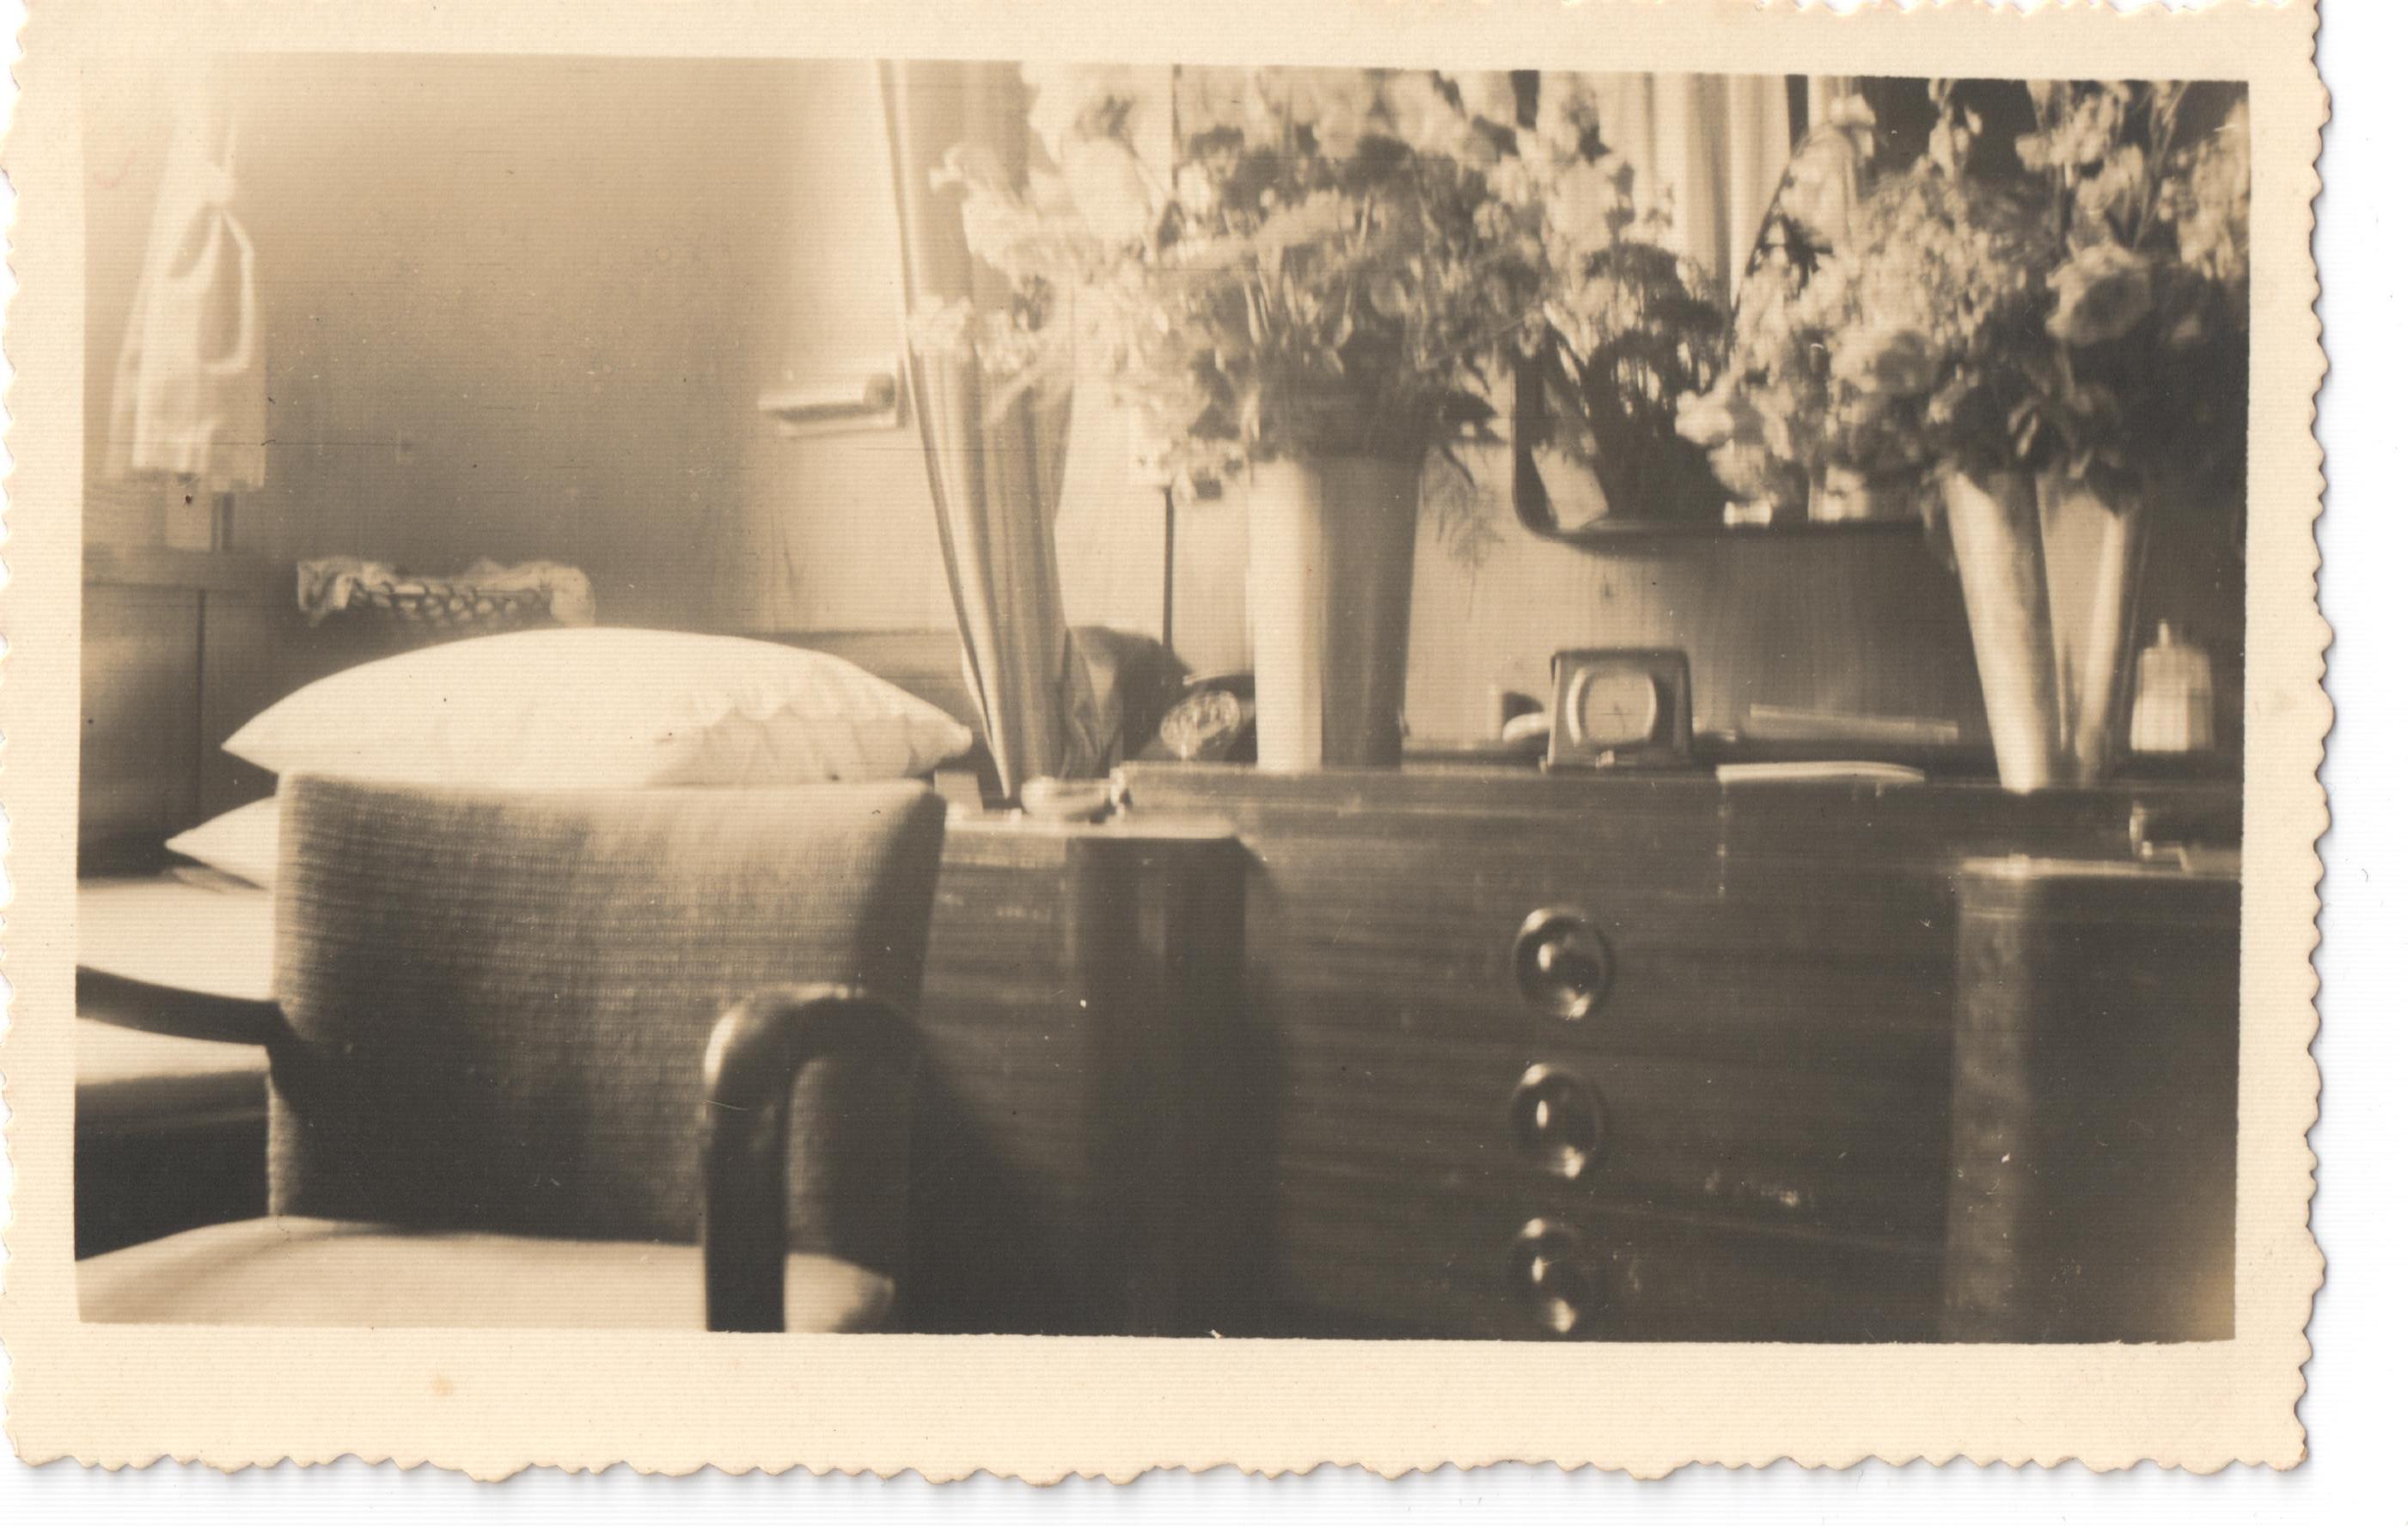 czarno-białe zdjęcie przedstawiające wnętrze kabiny